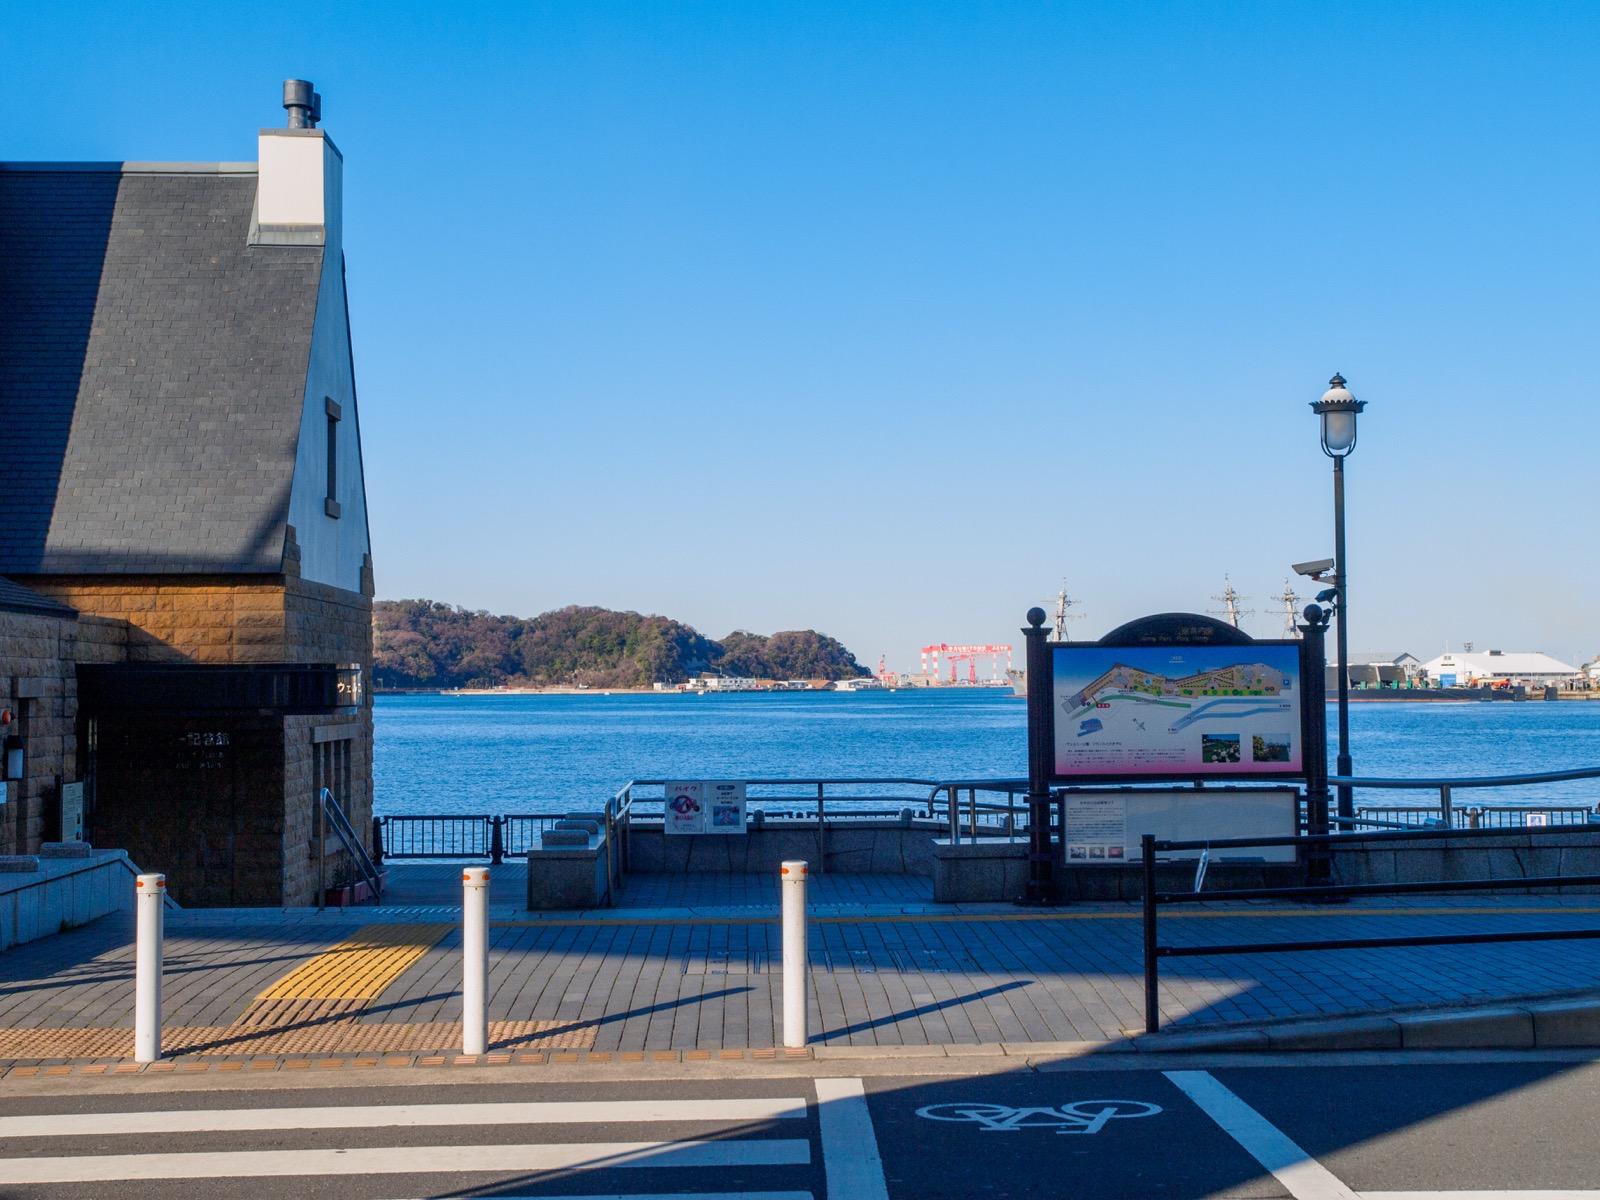 横須賀駅前のヴェルニー公園(2015年1月)